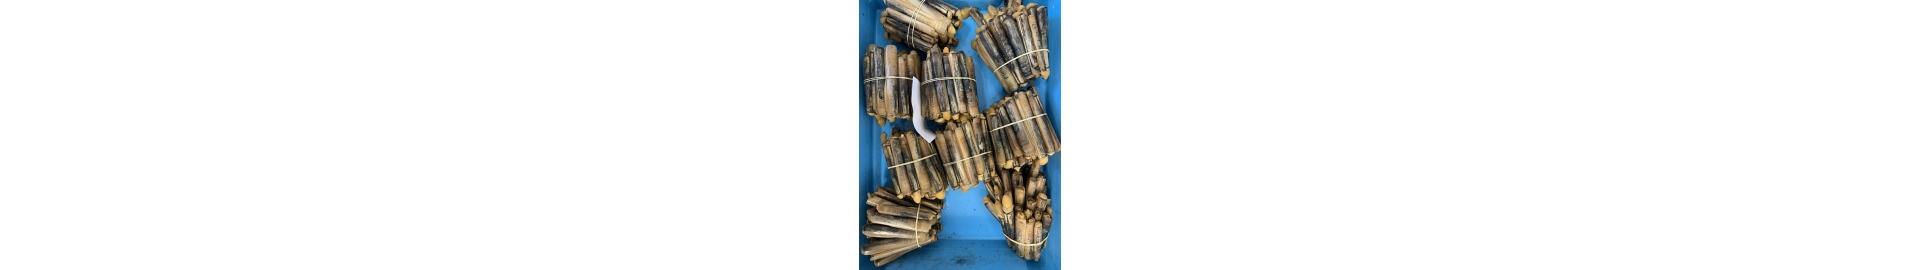 Comprar Longueron de Huelva vivo y depurado